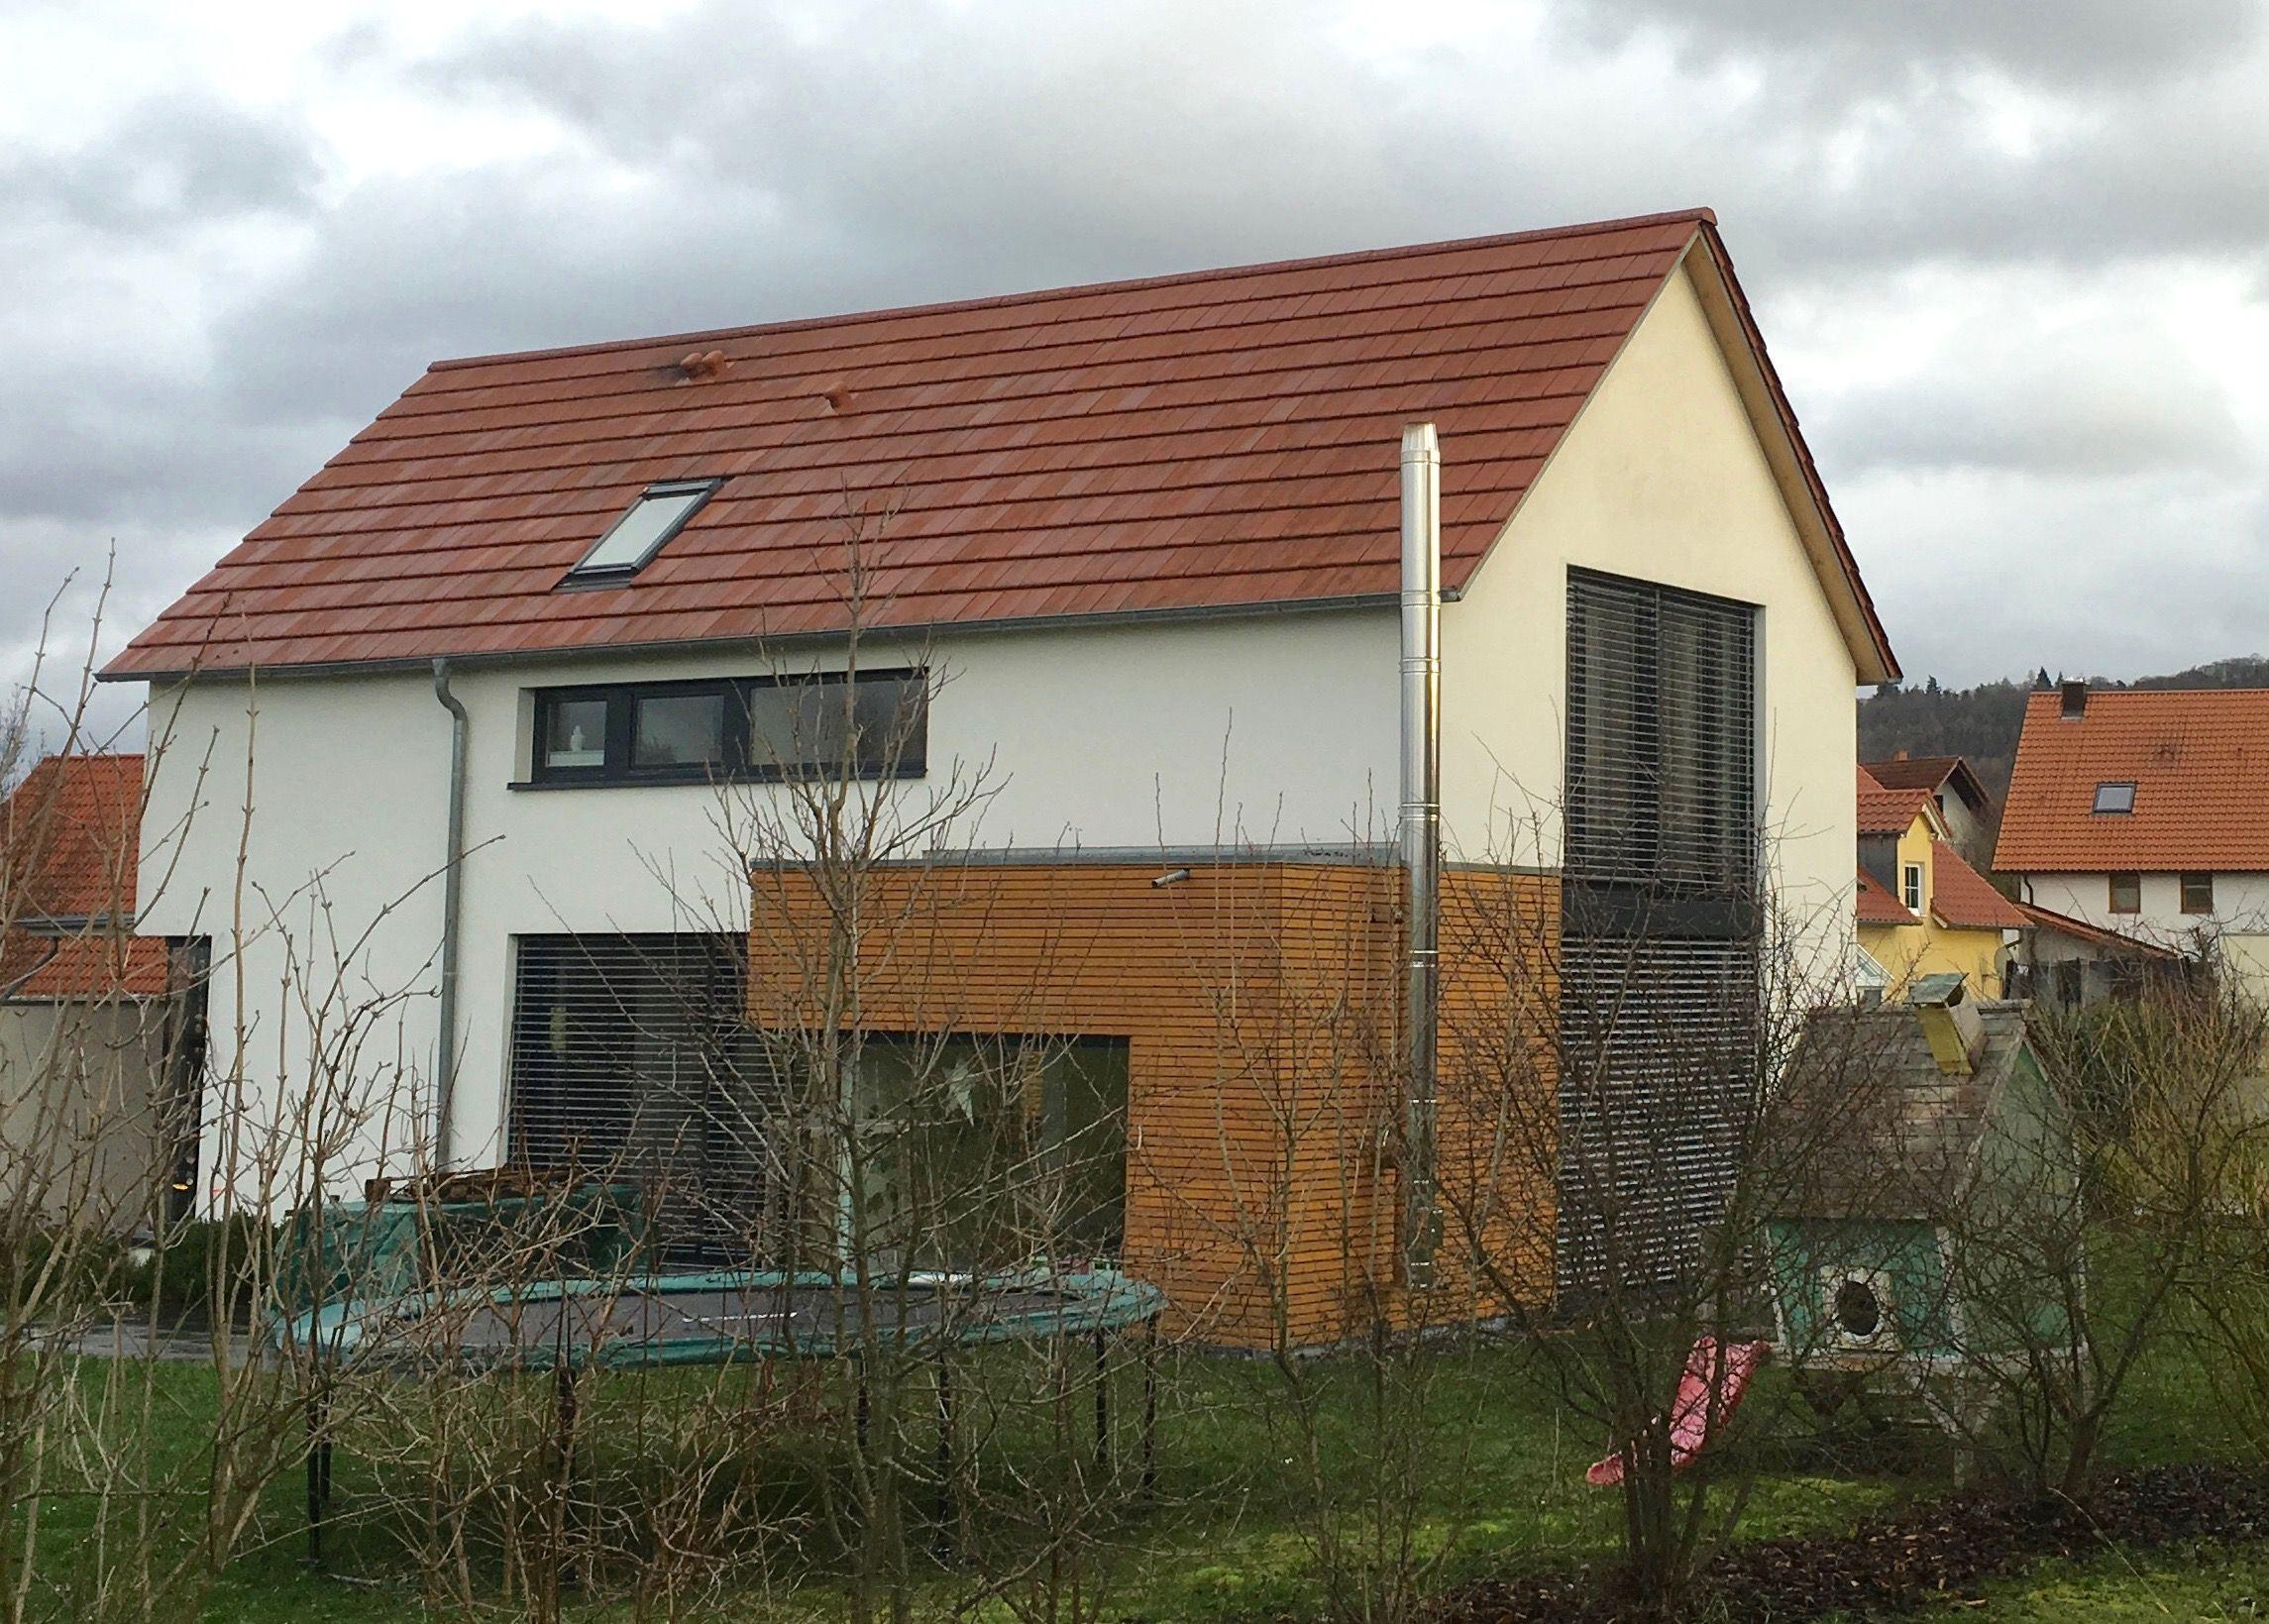 Haus #Anbau #Holz | Architektur und Häuser | Pinterest